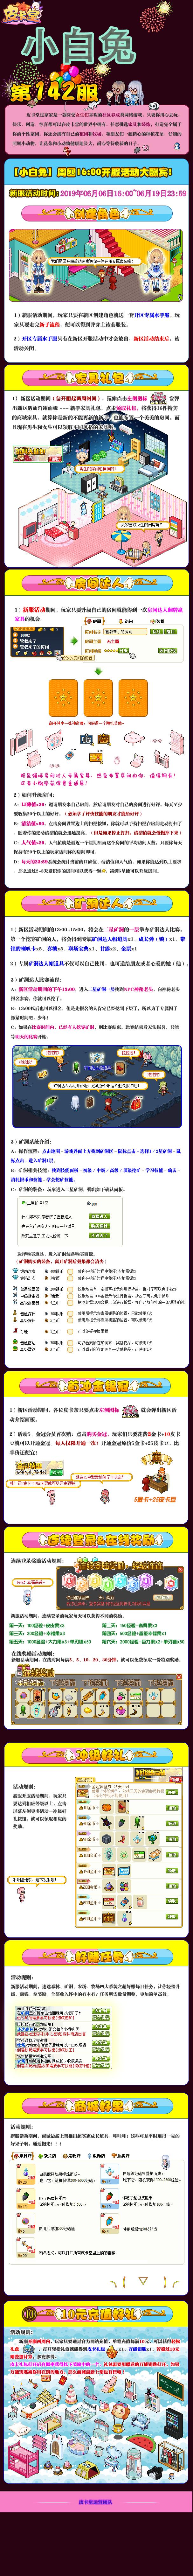 7k7k开服公告-142s